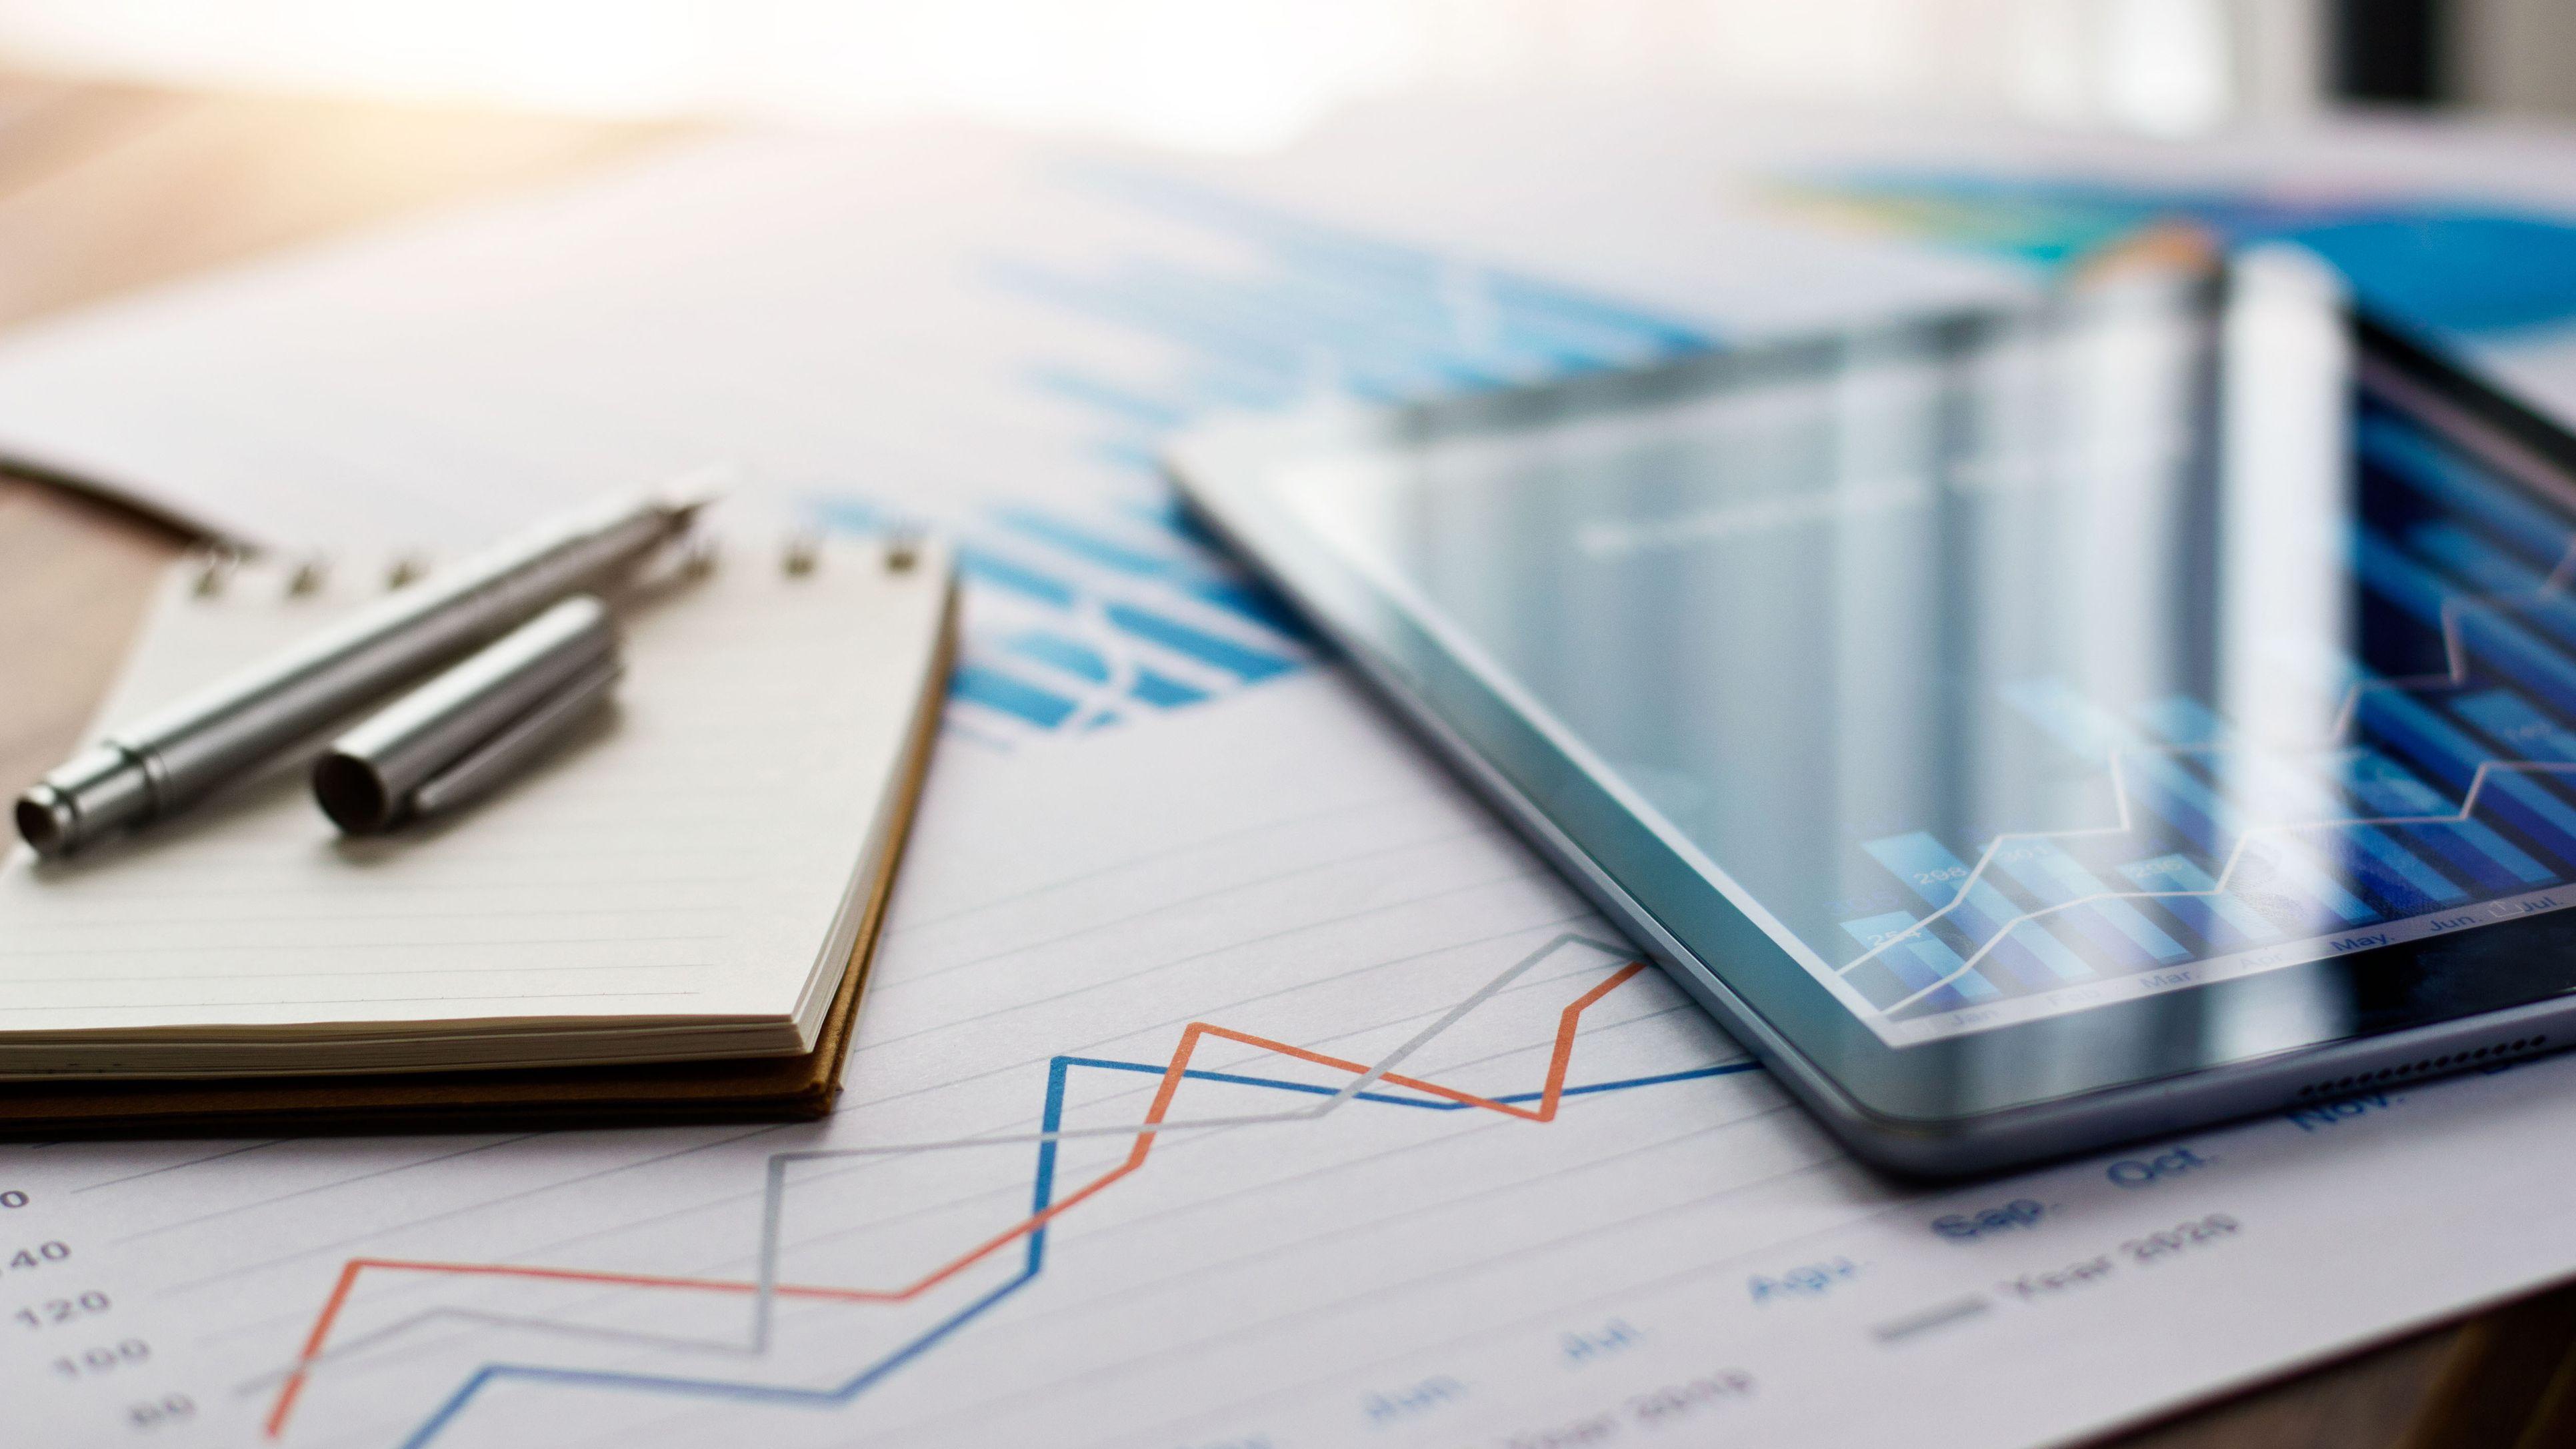 Utility 4.0 Studie: Digitalisierung im Branchenvergleich